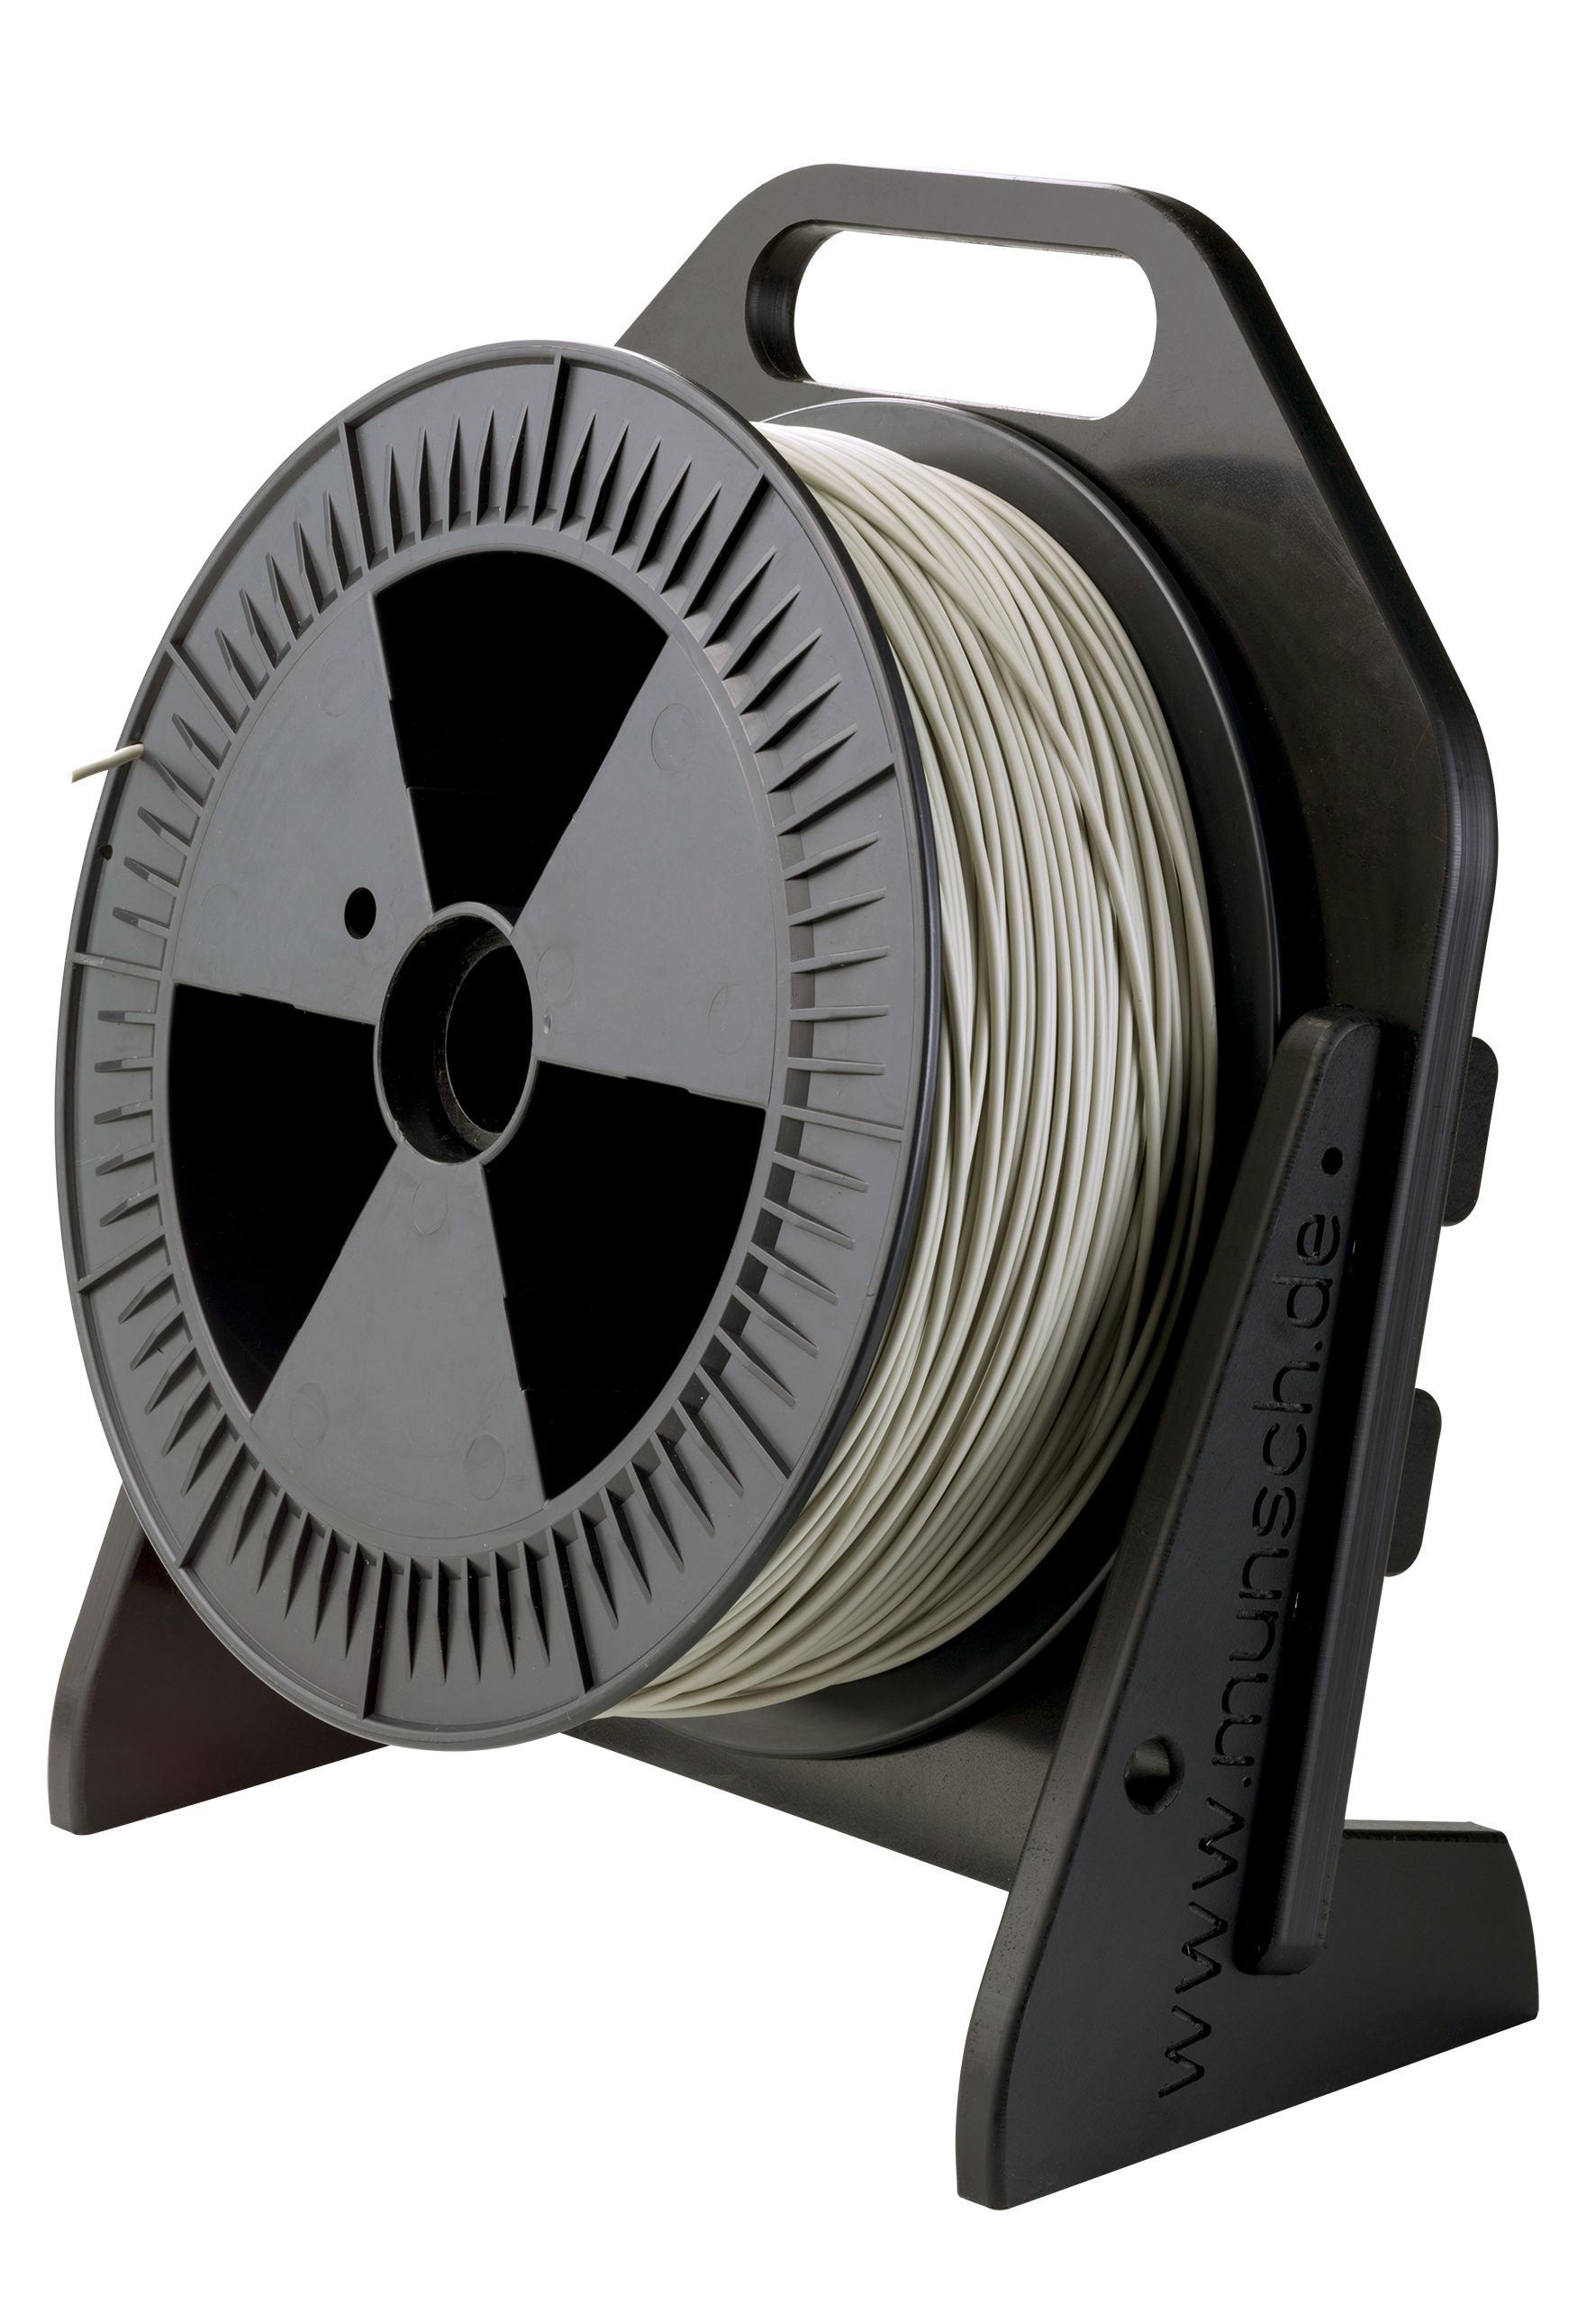 Munsch - Welding rod dispenser -Single roll | Geomembrane | Barnes ...